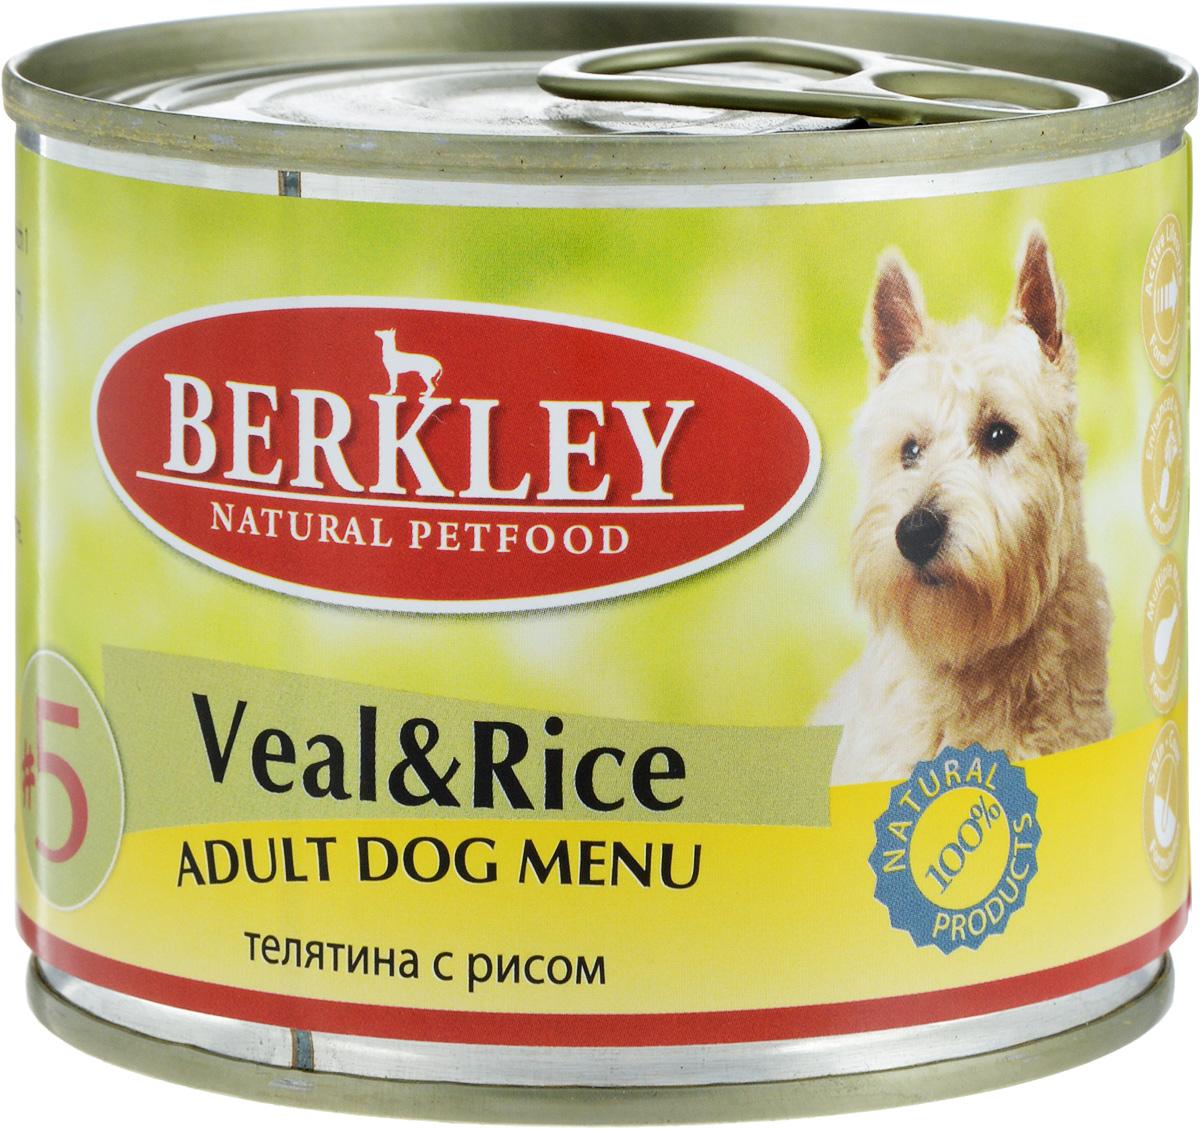 Консервы для собак Berkley №5, с телятиной и рисом, 200 г59949Консервы для собак Berkley №5 изготовлены из натурального мясного сырья. Не содержат сои, консервантов, искусственных красителей, ароматизаторов. Такой корм полностью удовлетворяет ежедневные энергетические потребности животного и обеспечивает оптимальное функционирование пищеварительной системы. Вес: 200 г. Товар сертифицирован.